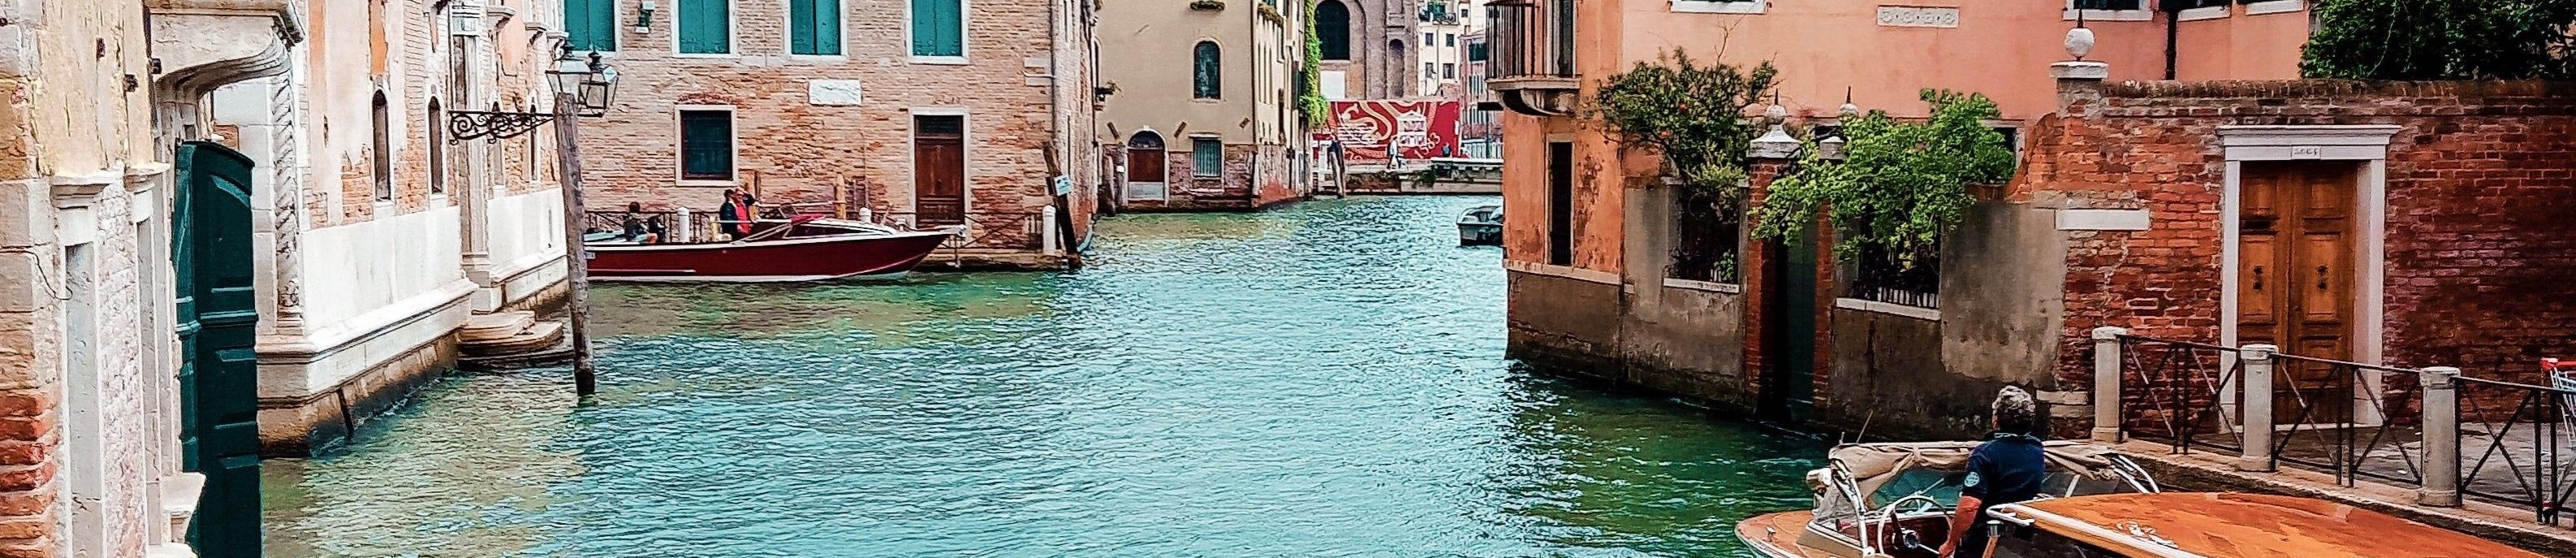 Italy canal.jpg